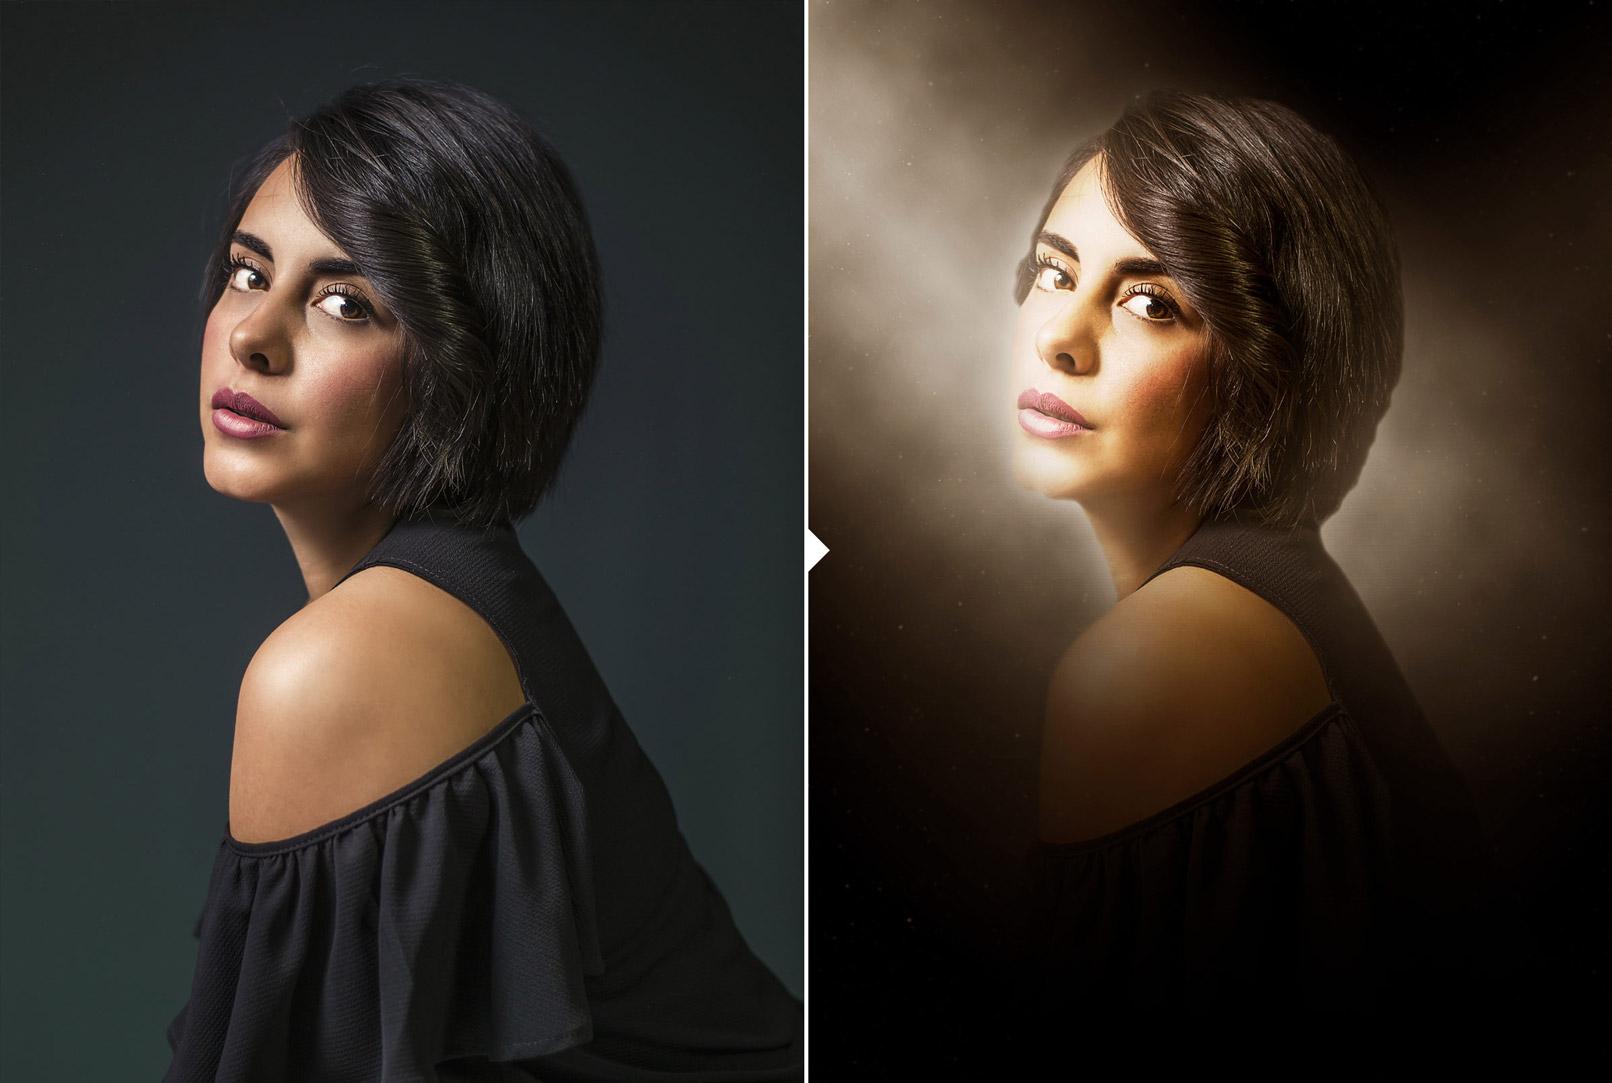 Porträt einer Frau in mystischem Licht, erstellt mit einer Photoshop-Aktion